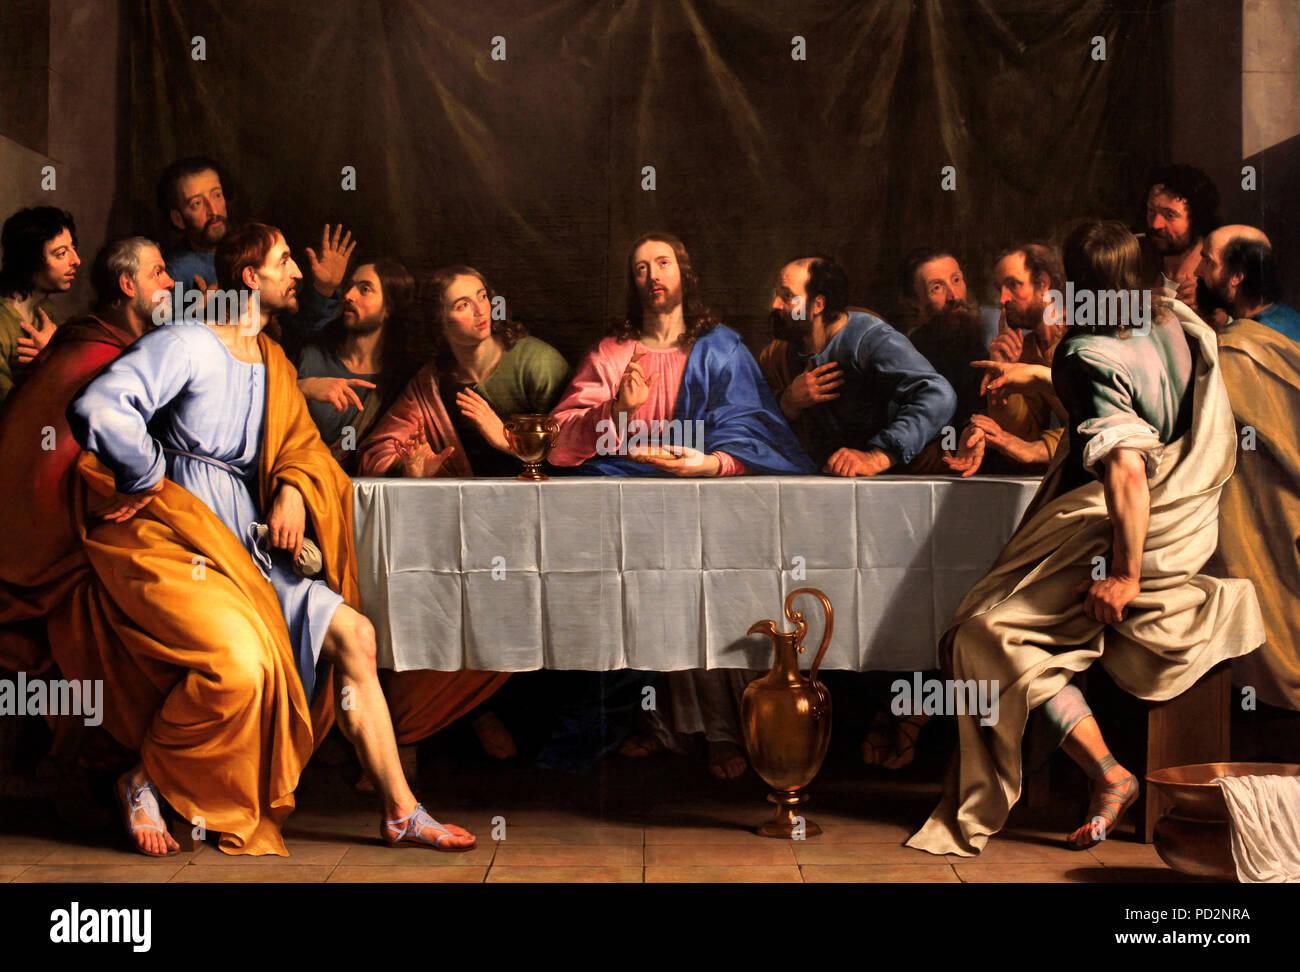 The Last Supper - Philippe de Champaigne - Stock Image